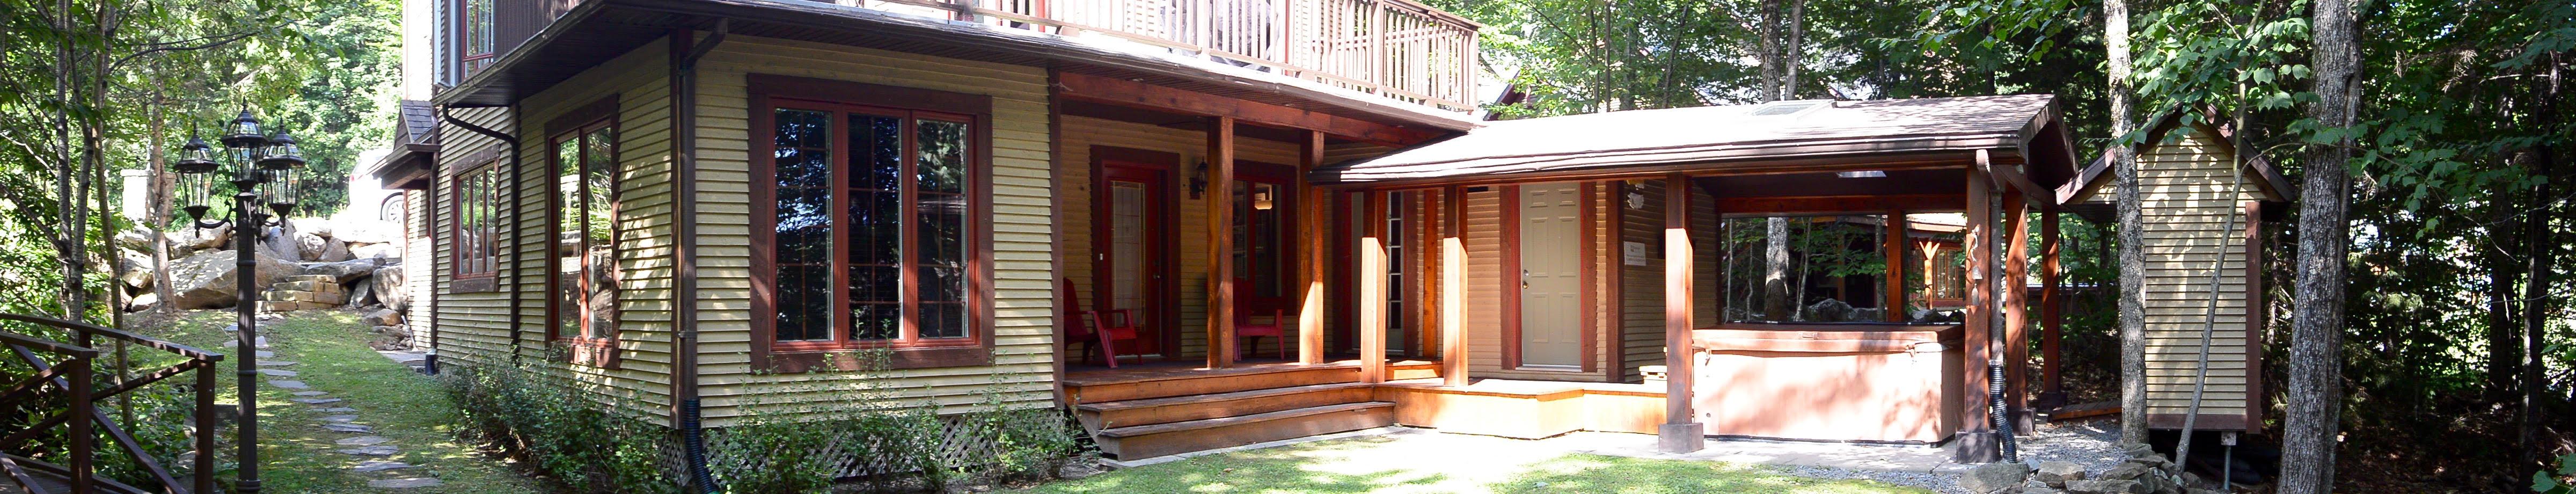 Cottage for Rent in Stoneham Quebec | Cottage Rental Quebec